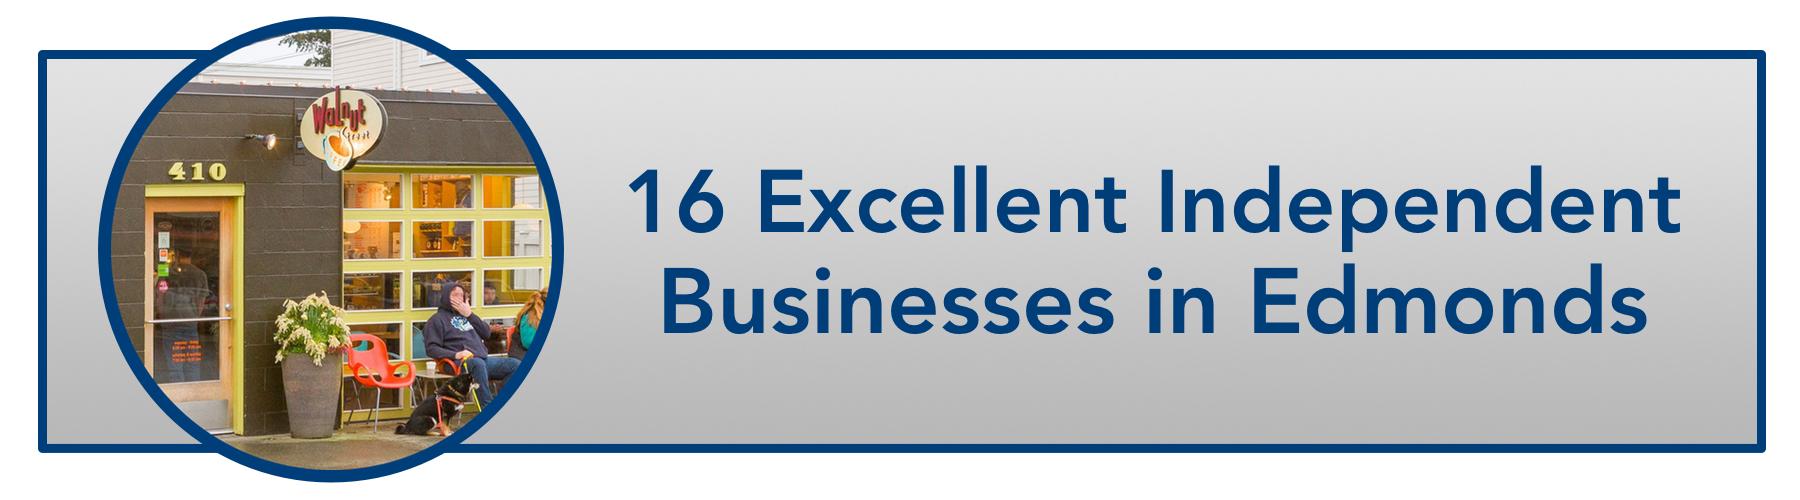 WindermereNorth_Edmonds_16 Excellent Independent Businesses in Edmonds